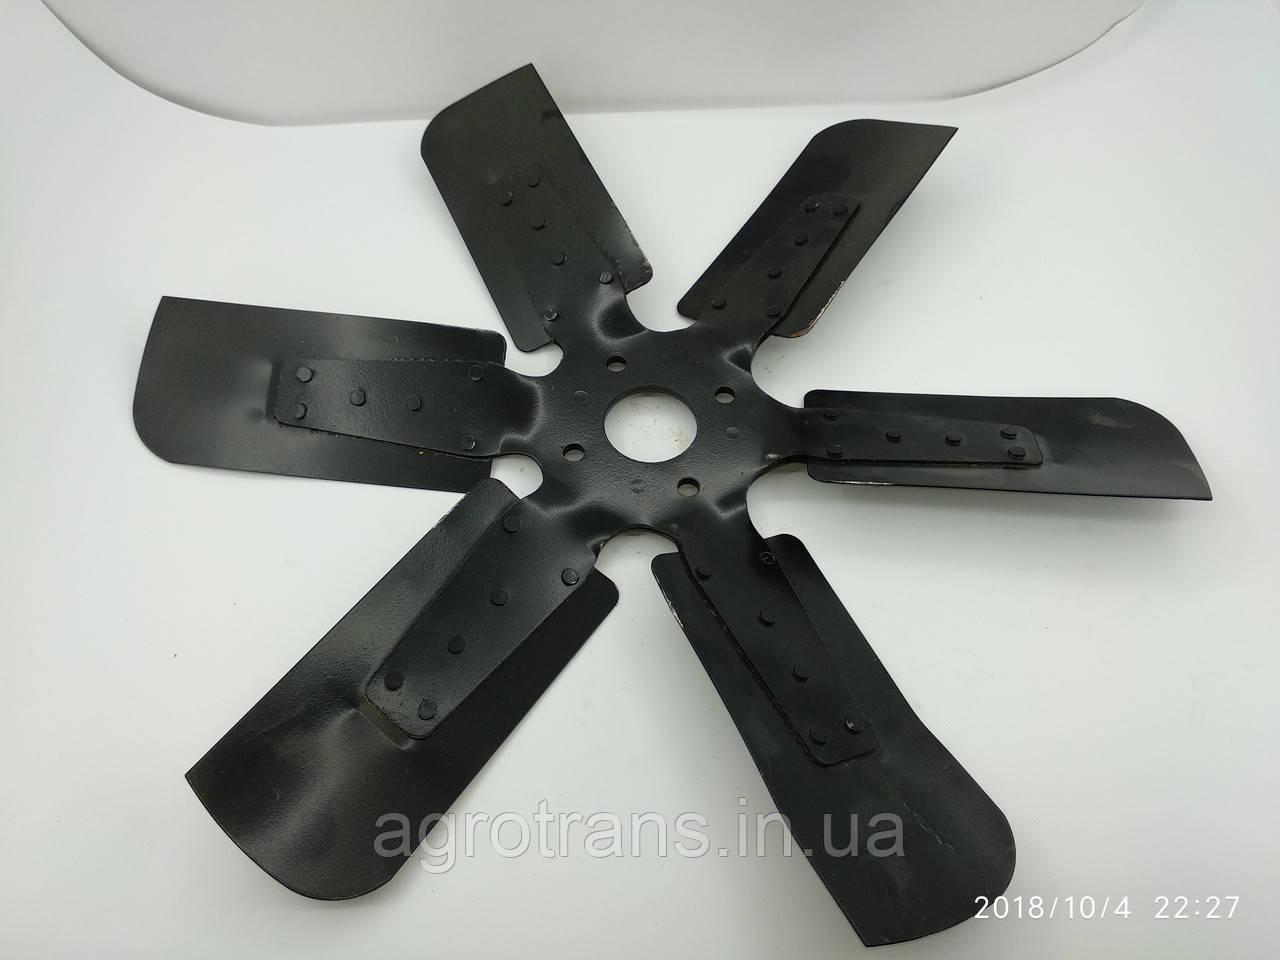 Крыльчатка вентилятора ЯМЗ-236, ЯМЗ-238 238Н-1308012 (металл, d=550 мм, 6 лопастей)